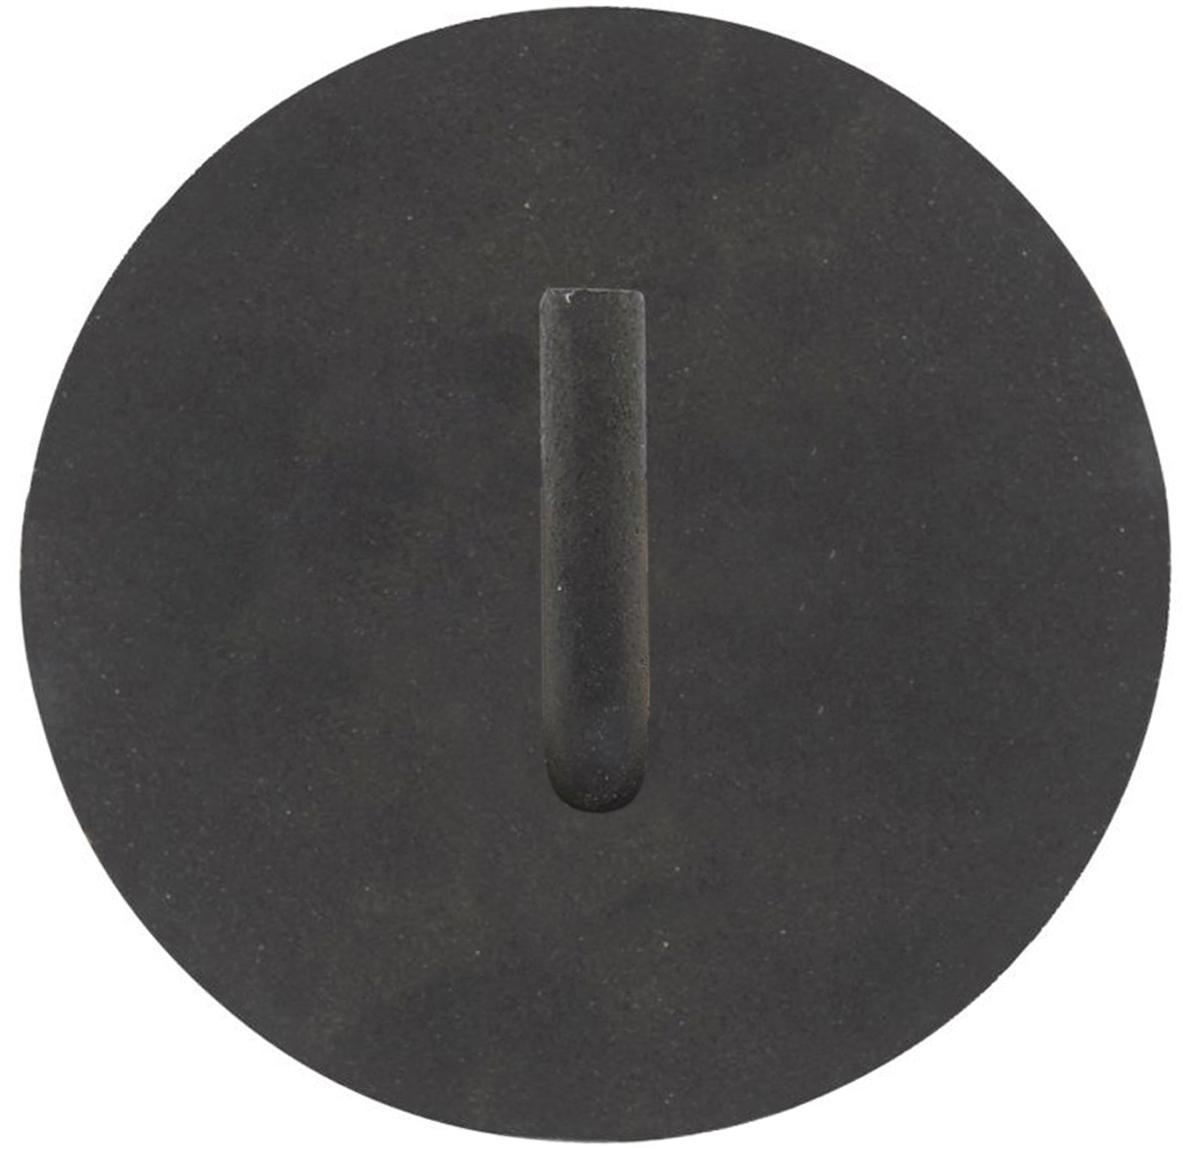 Portarotolo carta igienica in metallo Lema, Alluminio rivestito, Nero, Ø 13 x Prof. 12 cm